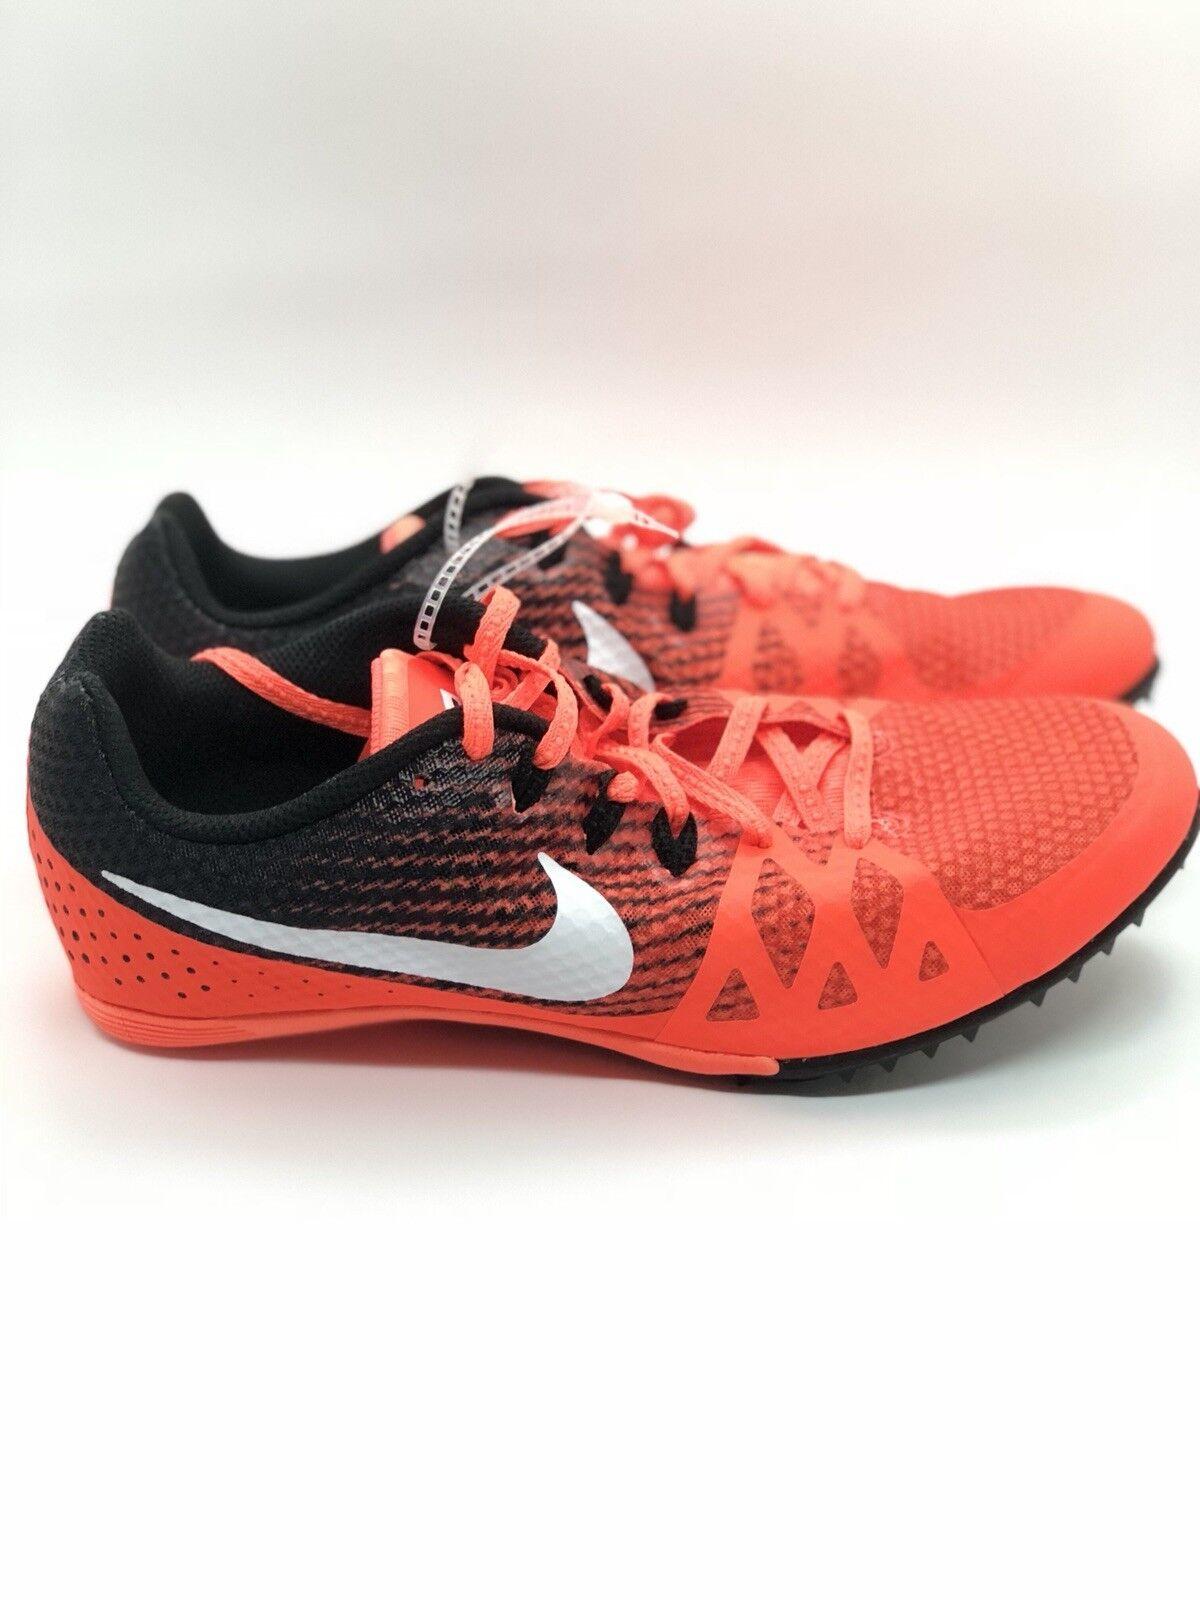 nouveau nike zoom rival sprint sprint sprint hommes suivre 806555 811 orange des di ions 7,5 1b0e78